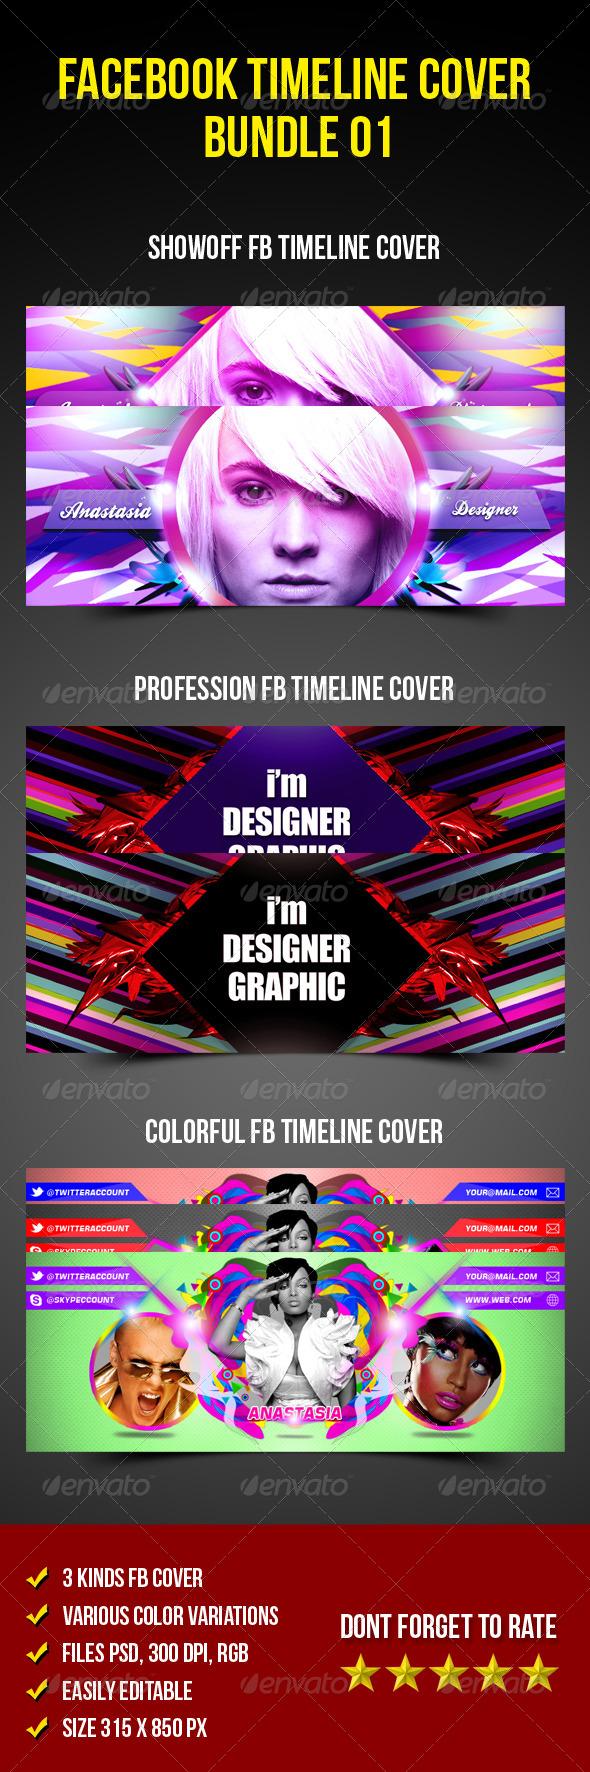 GraphicRiver Facebook Timeline Cover Bundle 01 5806058